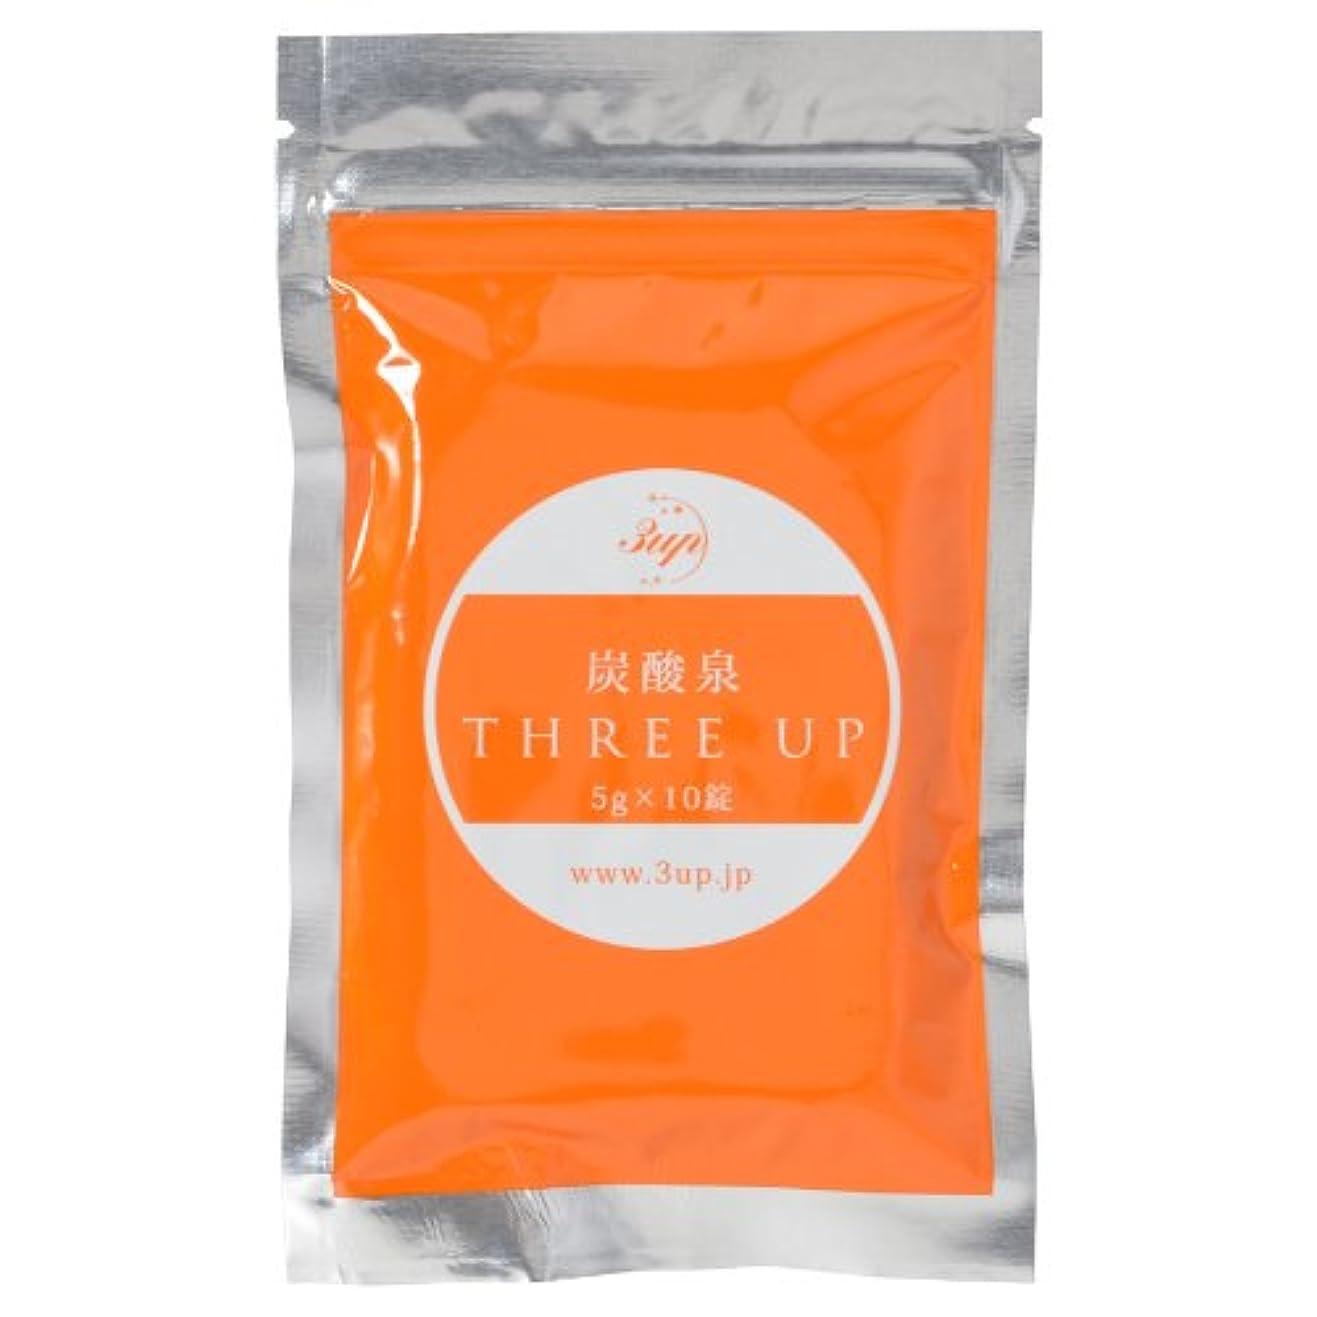 危険な強度梨3upスリーアップ 重炭酸イオンタブレット(洗顔用) 1袋:5g×10錠